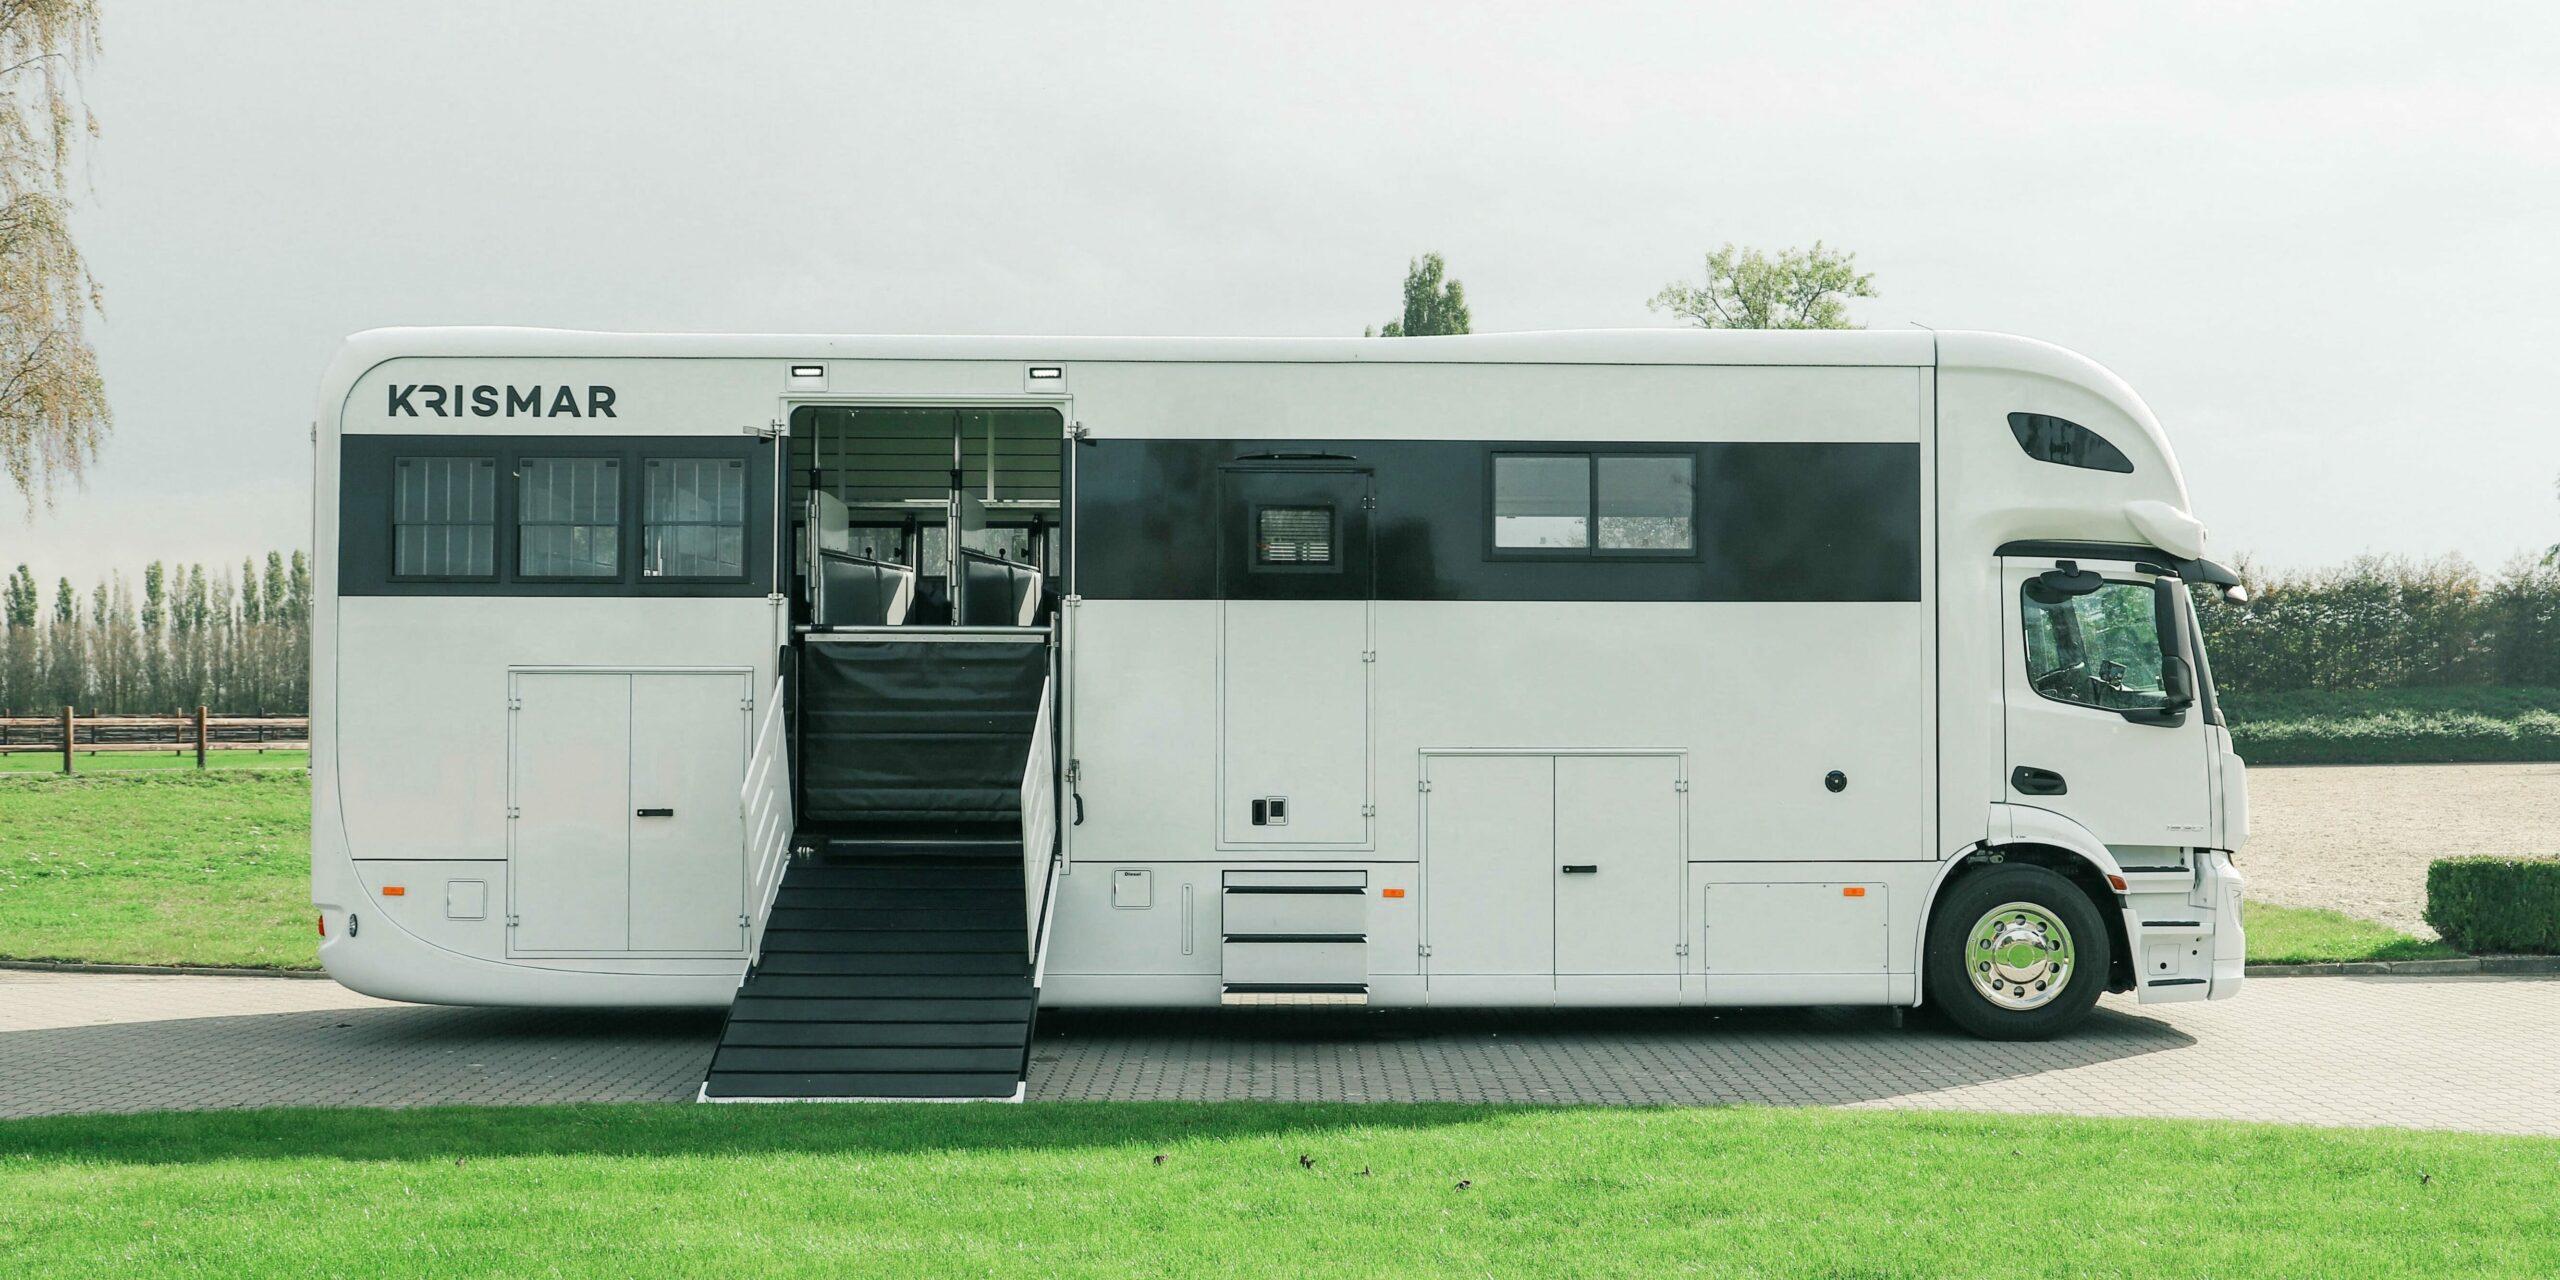 Zijkant van een witte Krismar paardenvrachtwagen voor 5 paarden met ruime leefruimte.